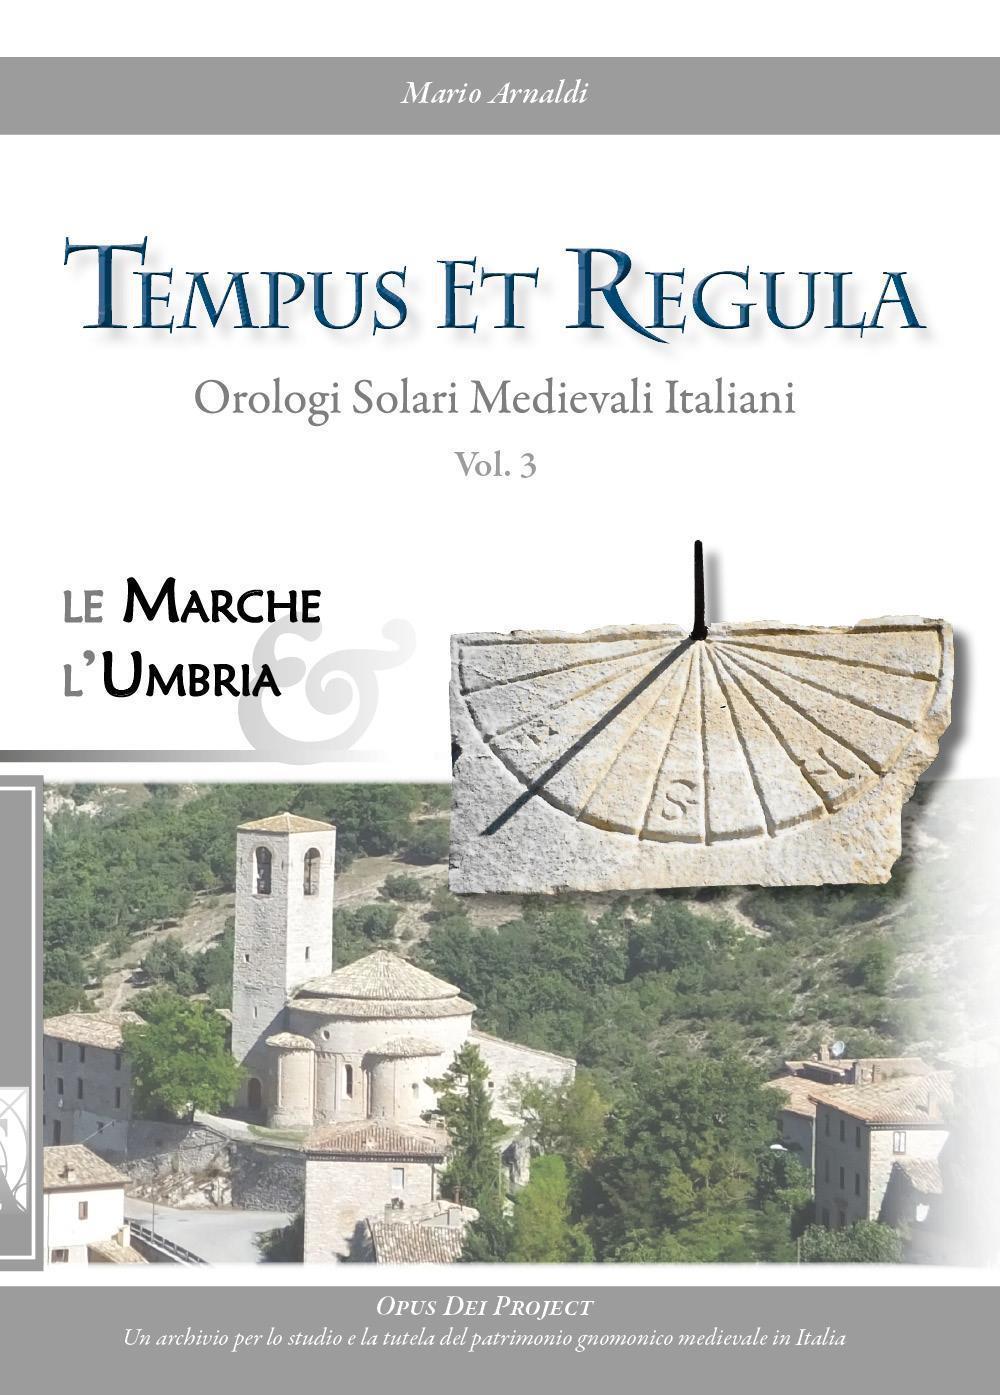 Tempus et Regula. Orologi Solari Medievali Italiani. Vol. 3